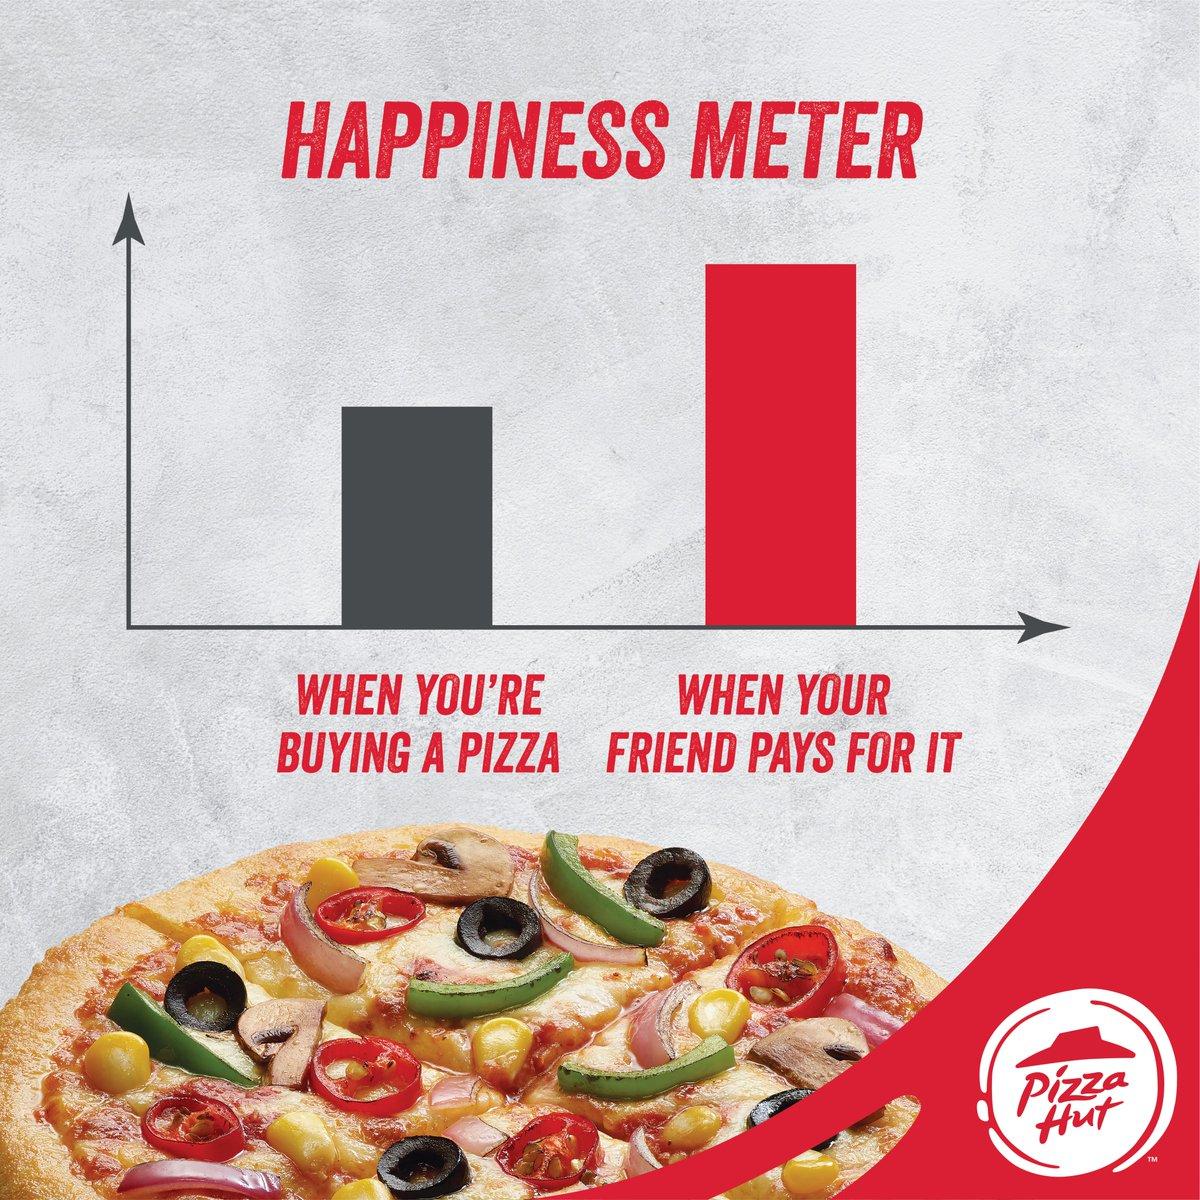 Dost ho toh aise varna naa ho PizzaHutJavenge TastiestPizzasAt99 https t.co skYfeWETfv